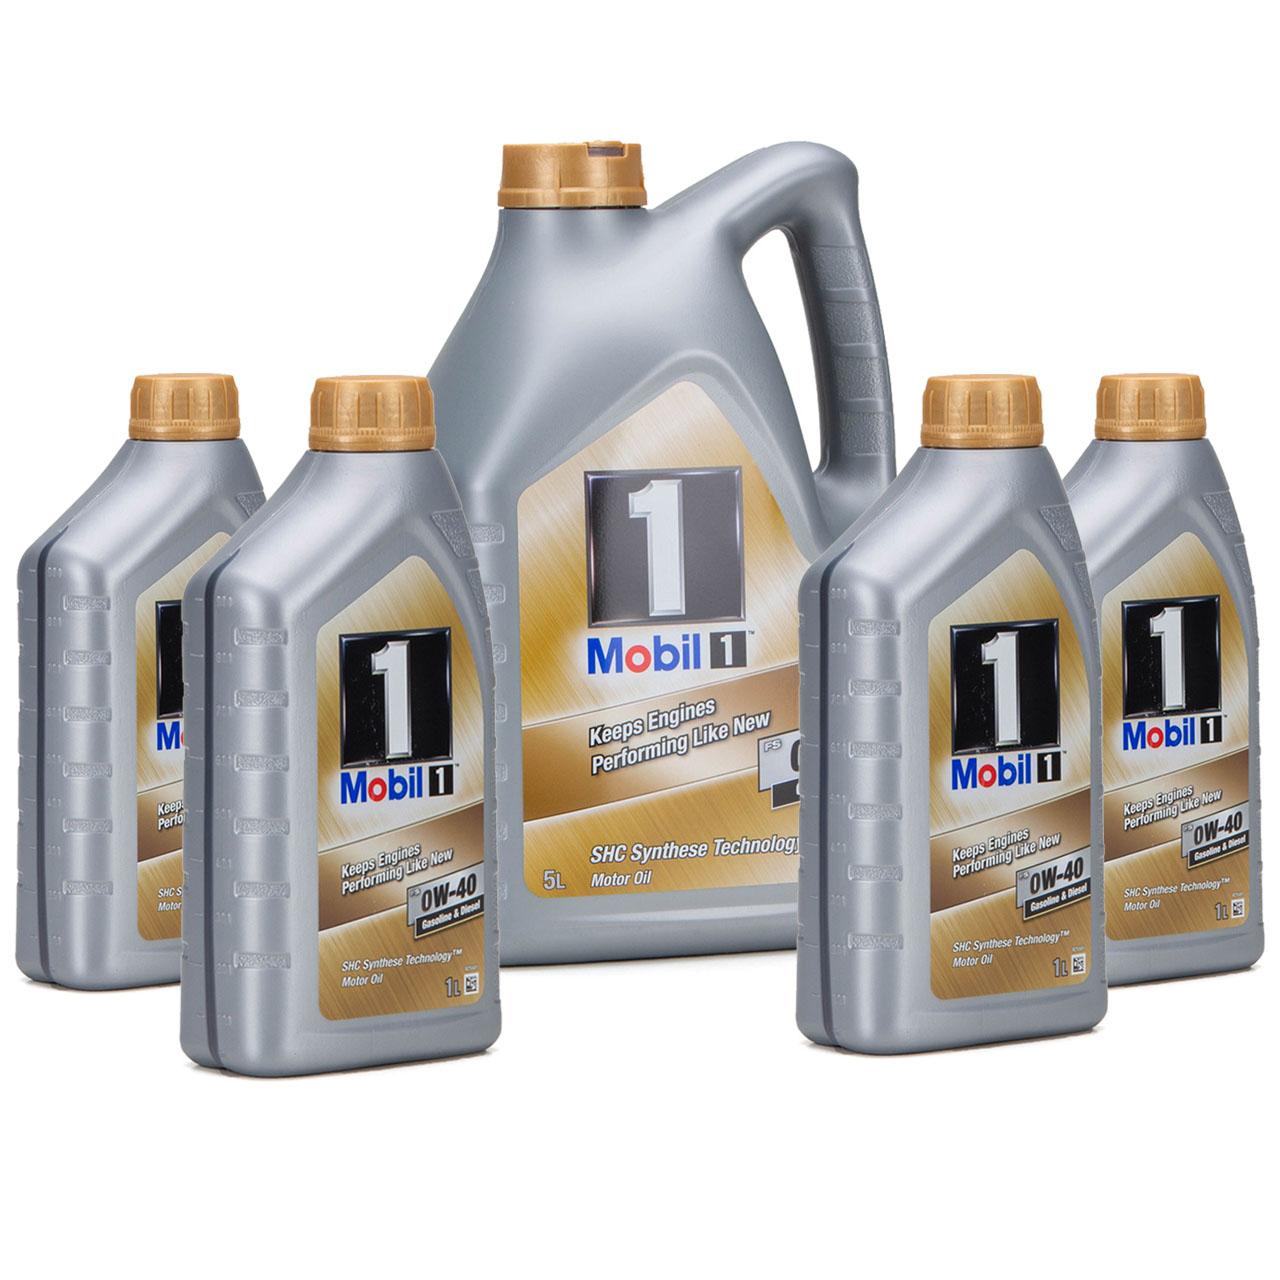 Mobil 1 FS Motoröl Öl 0W-40 0W40 MB PORSCHE A40 VW 502.00 505.00 - 9L 9 Liter